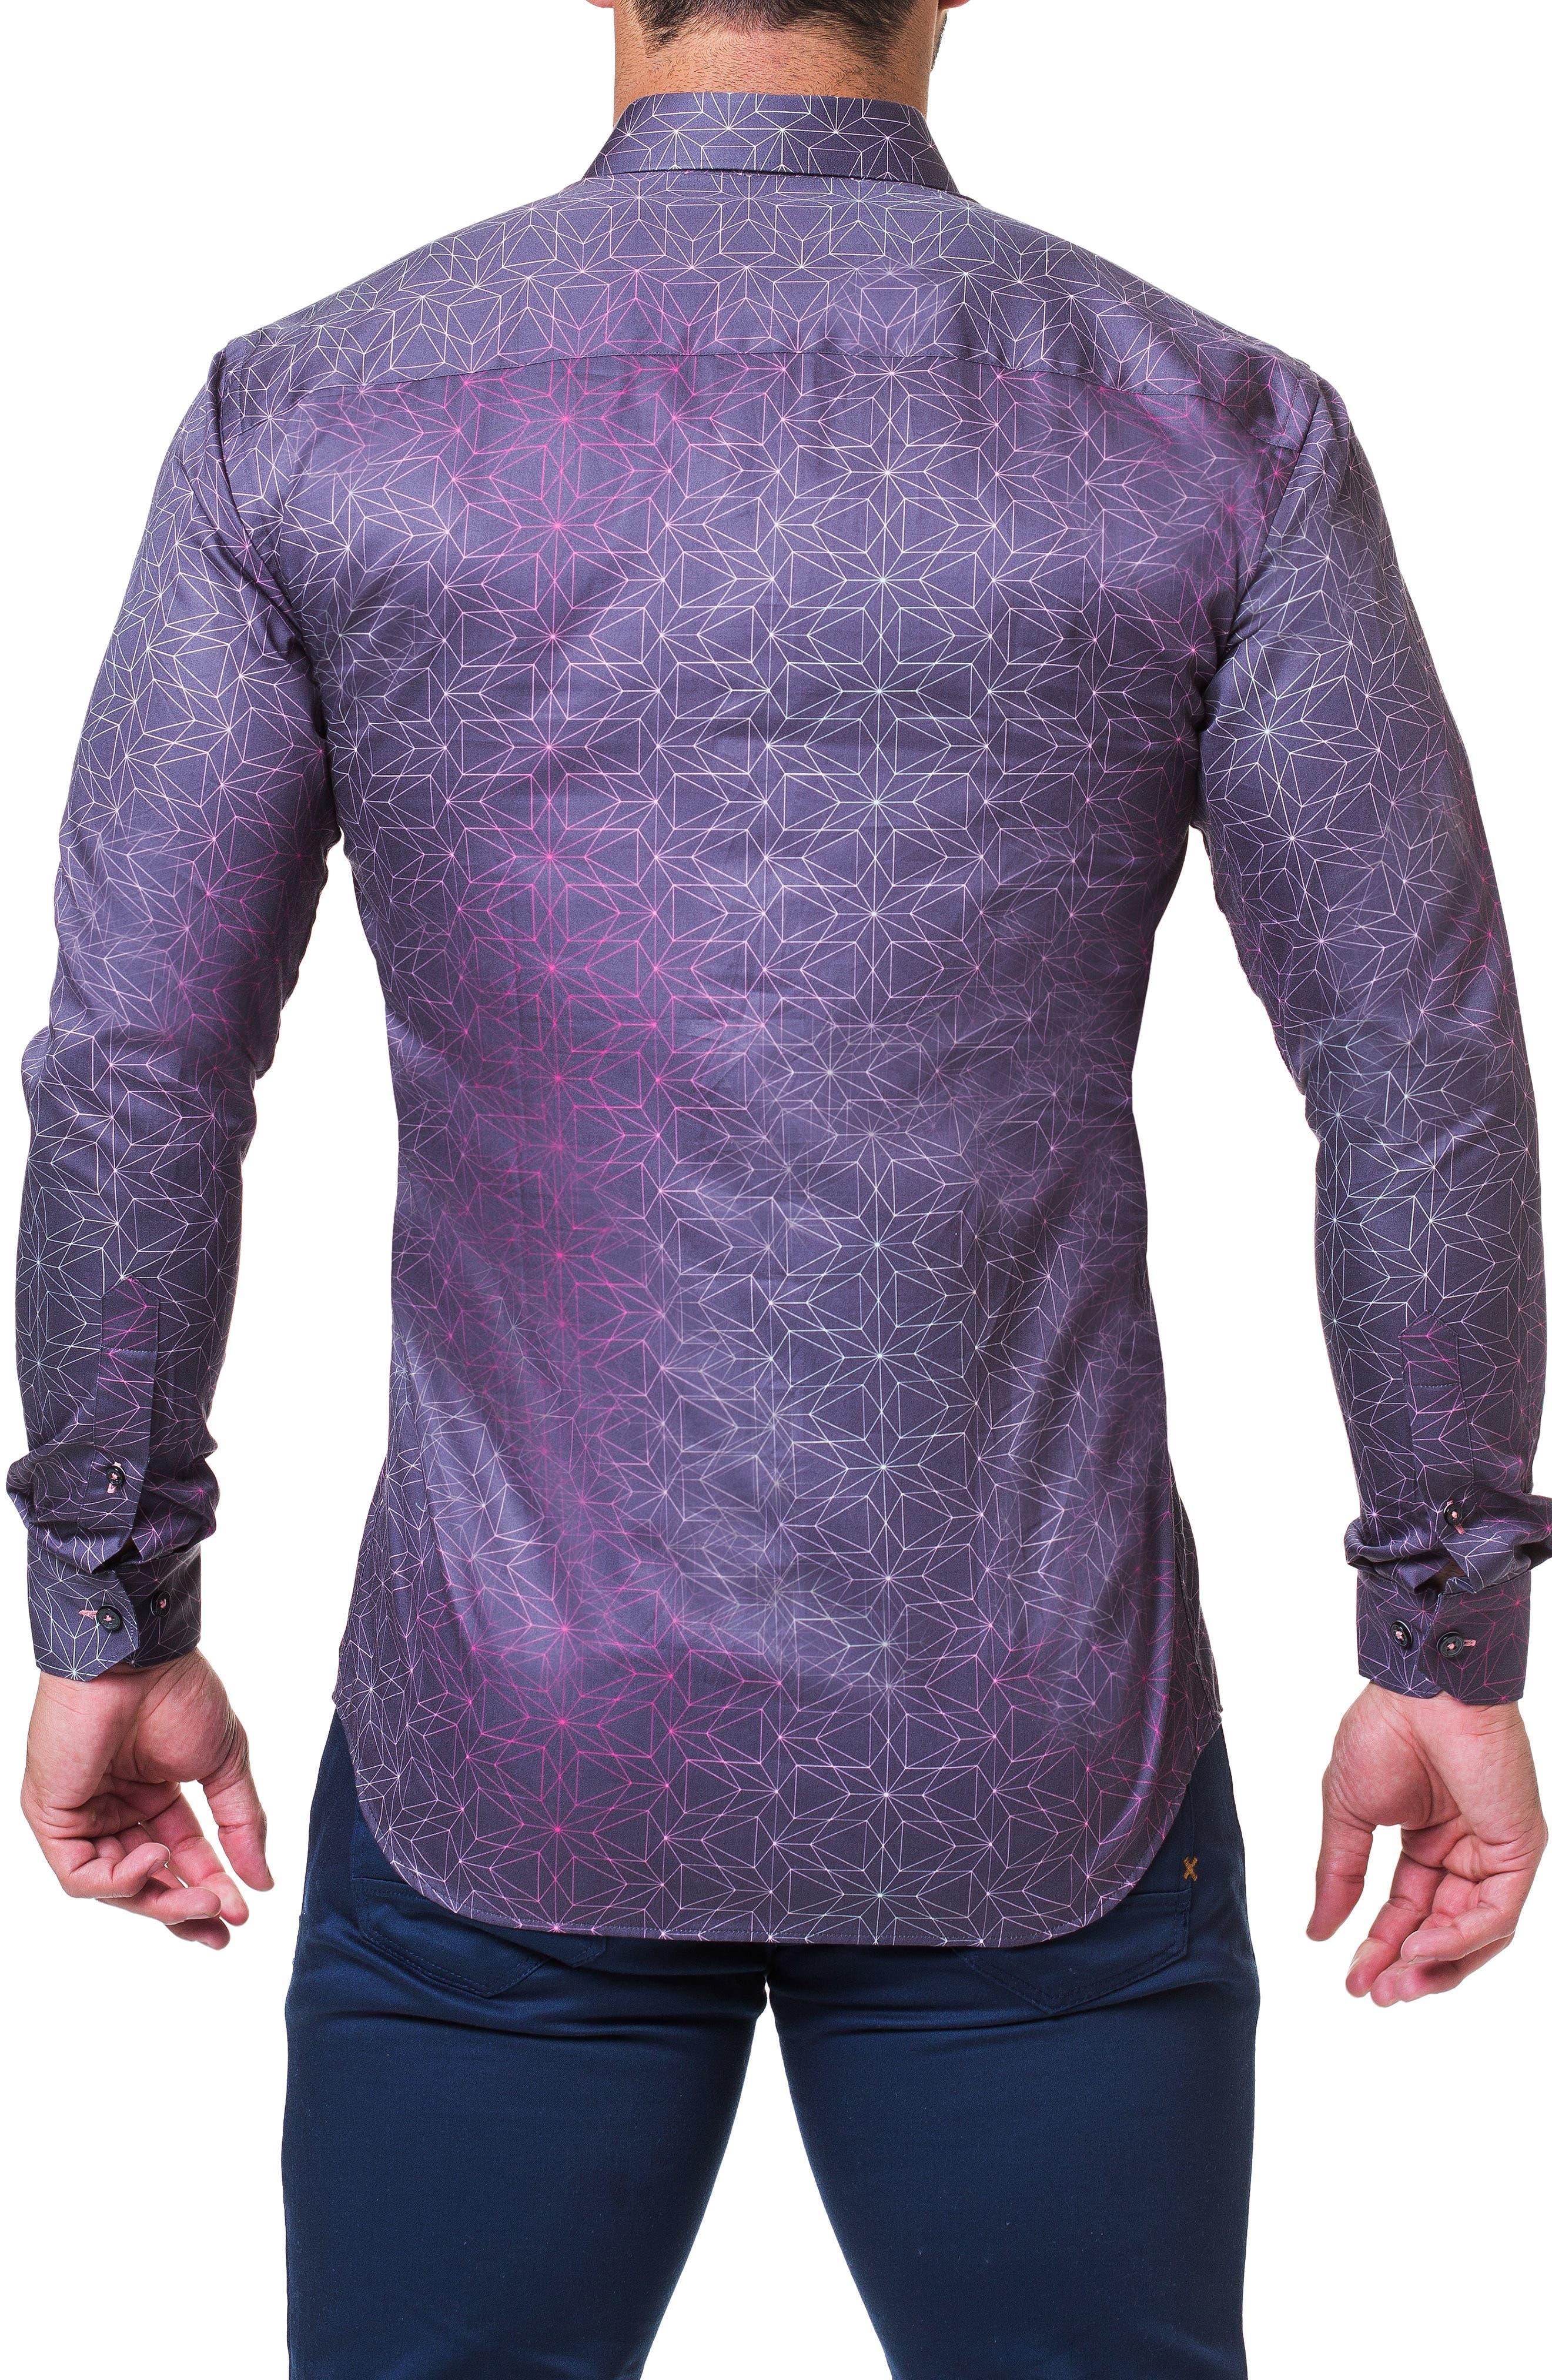 Fibonacci Star Print Sport Shirt,                             Alternate thumbnail 2, color,                             BLUE